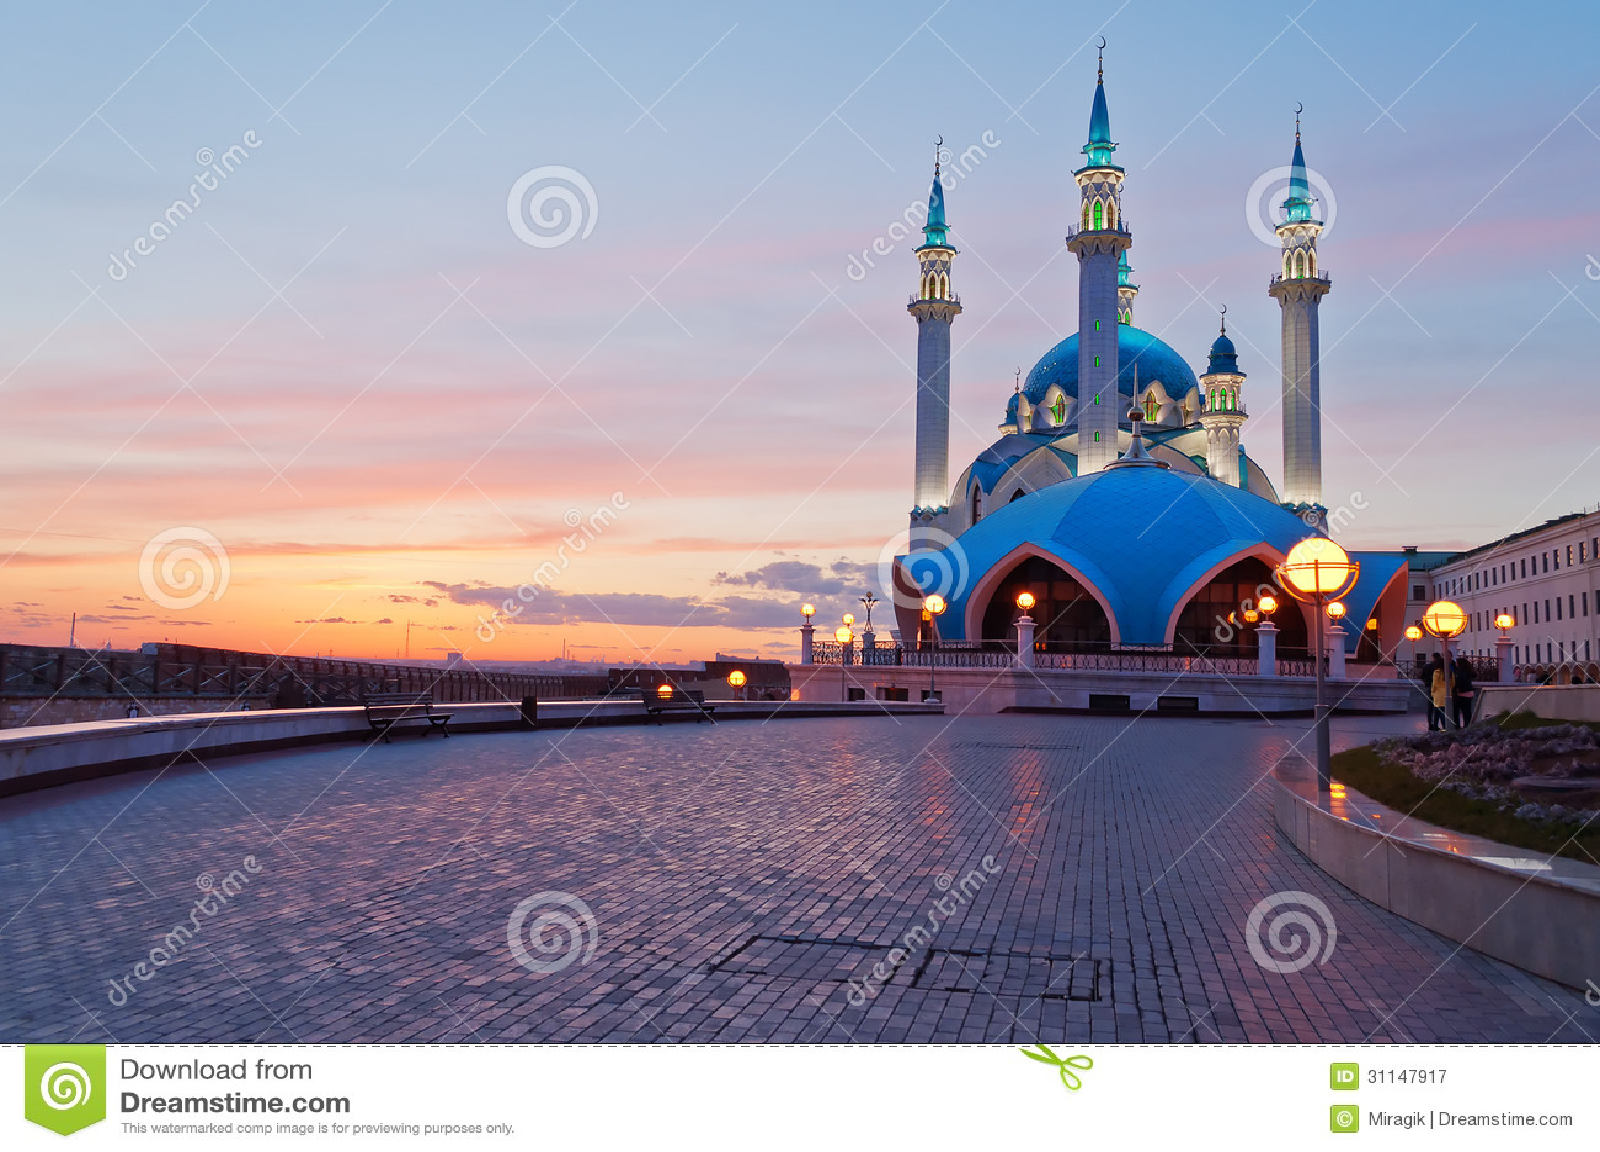 Mosquée de Kul Sharif à Kazan Kremlin au coucher du soleil. La Russie.